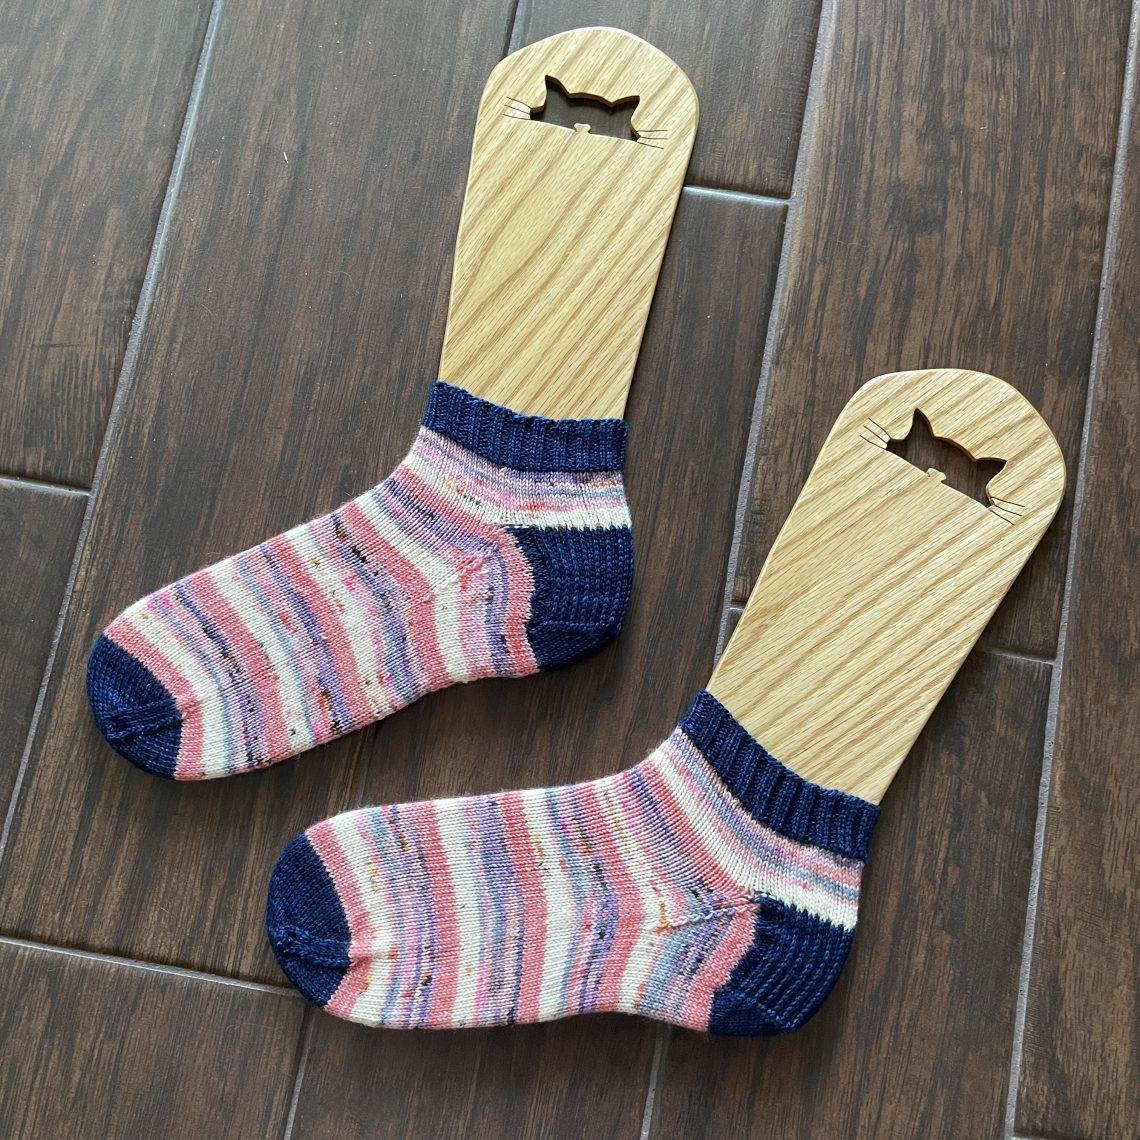 Scrappy Socks